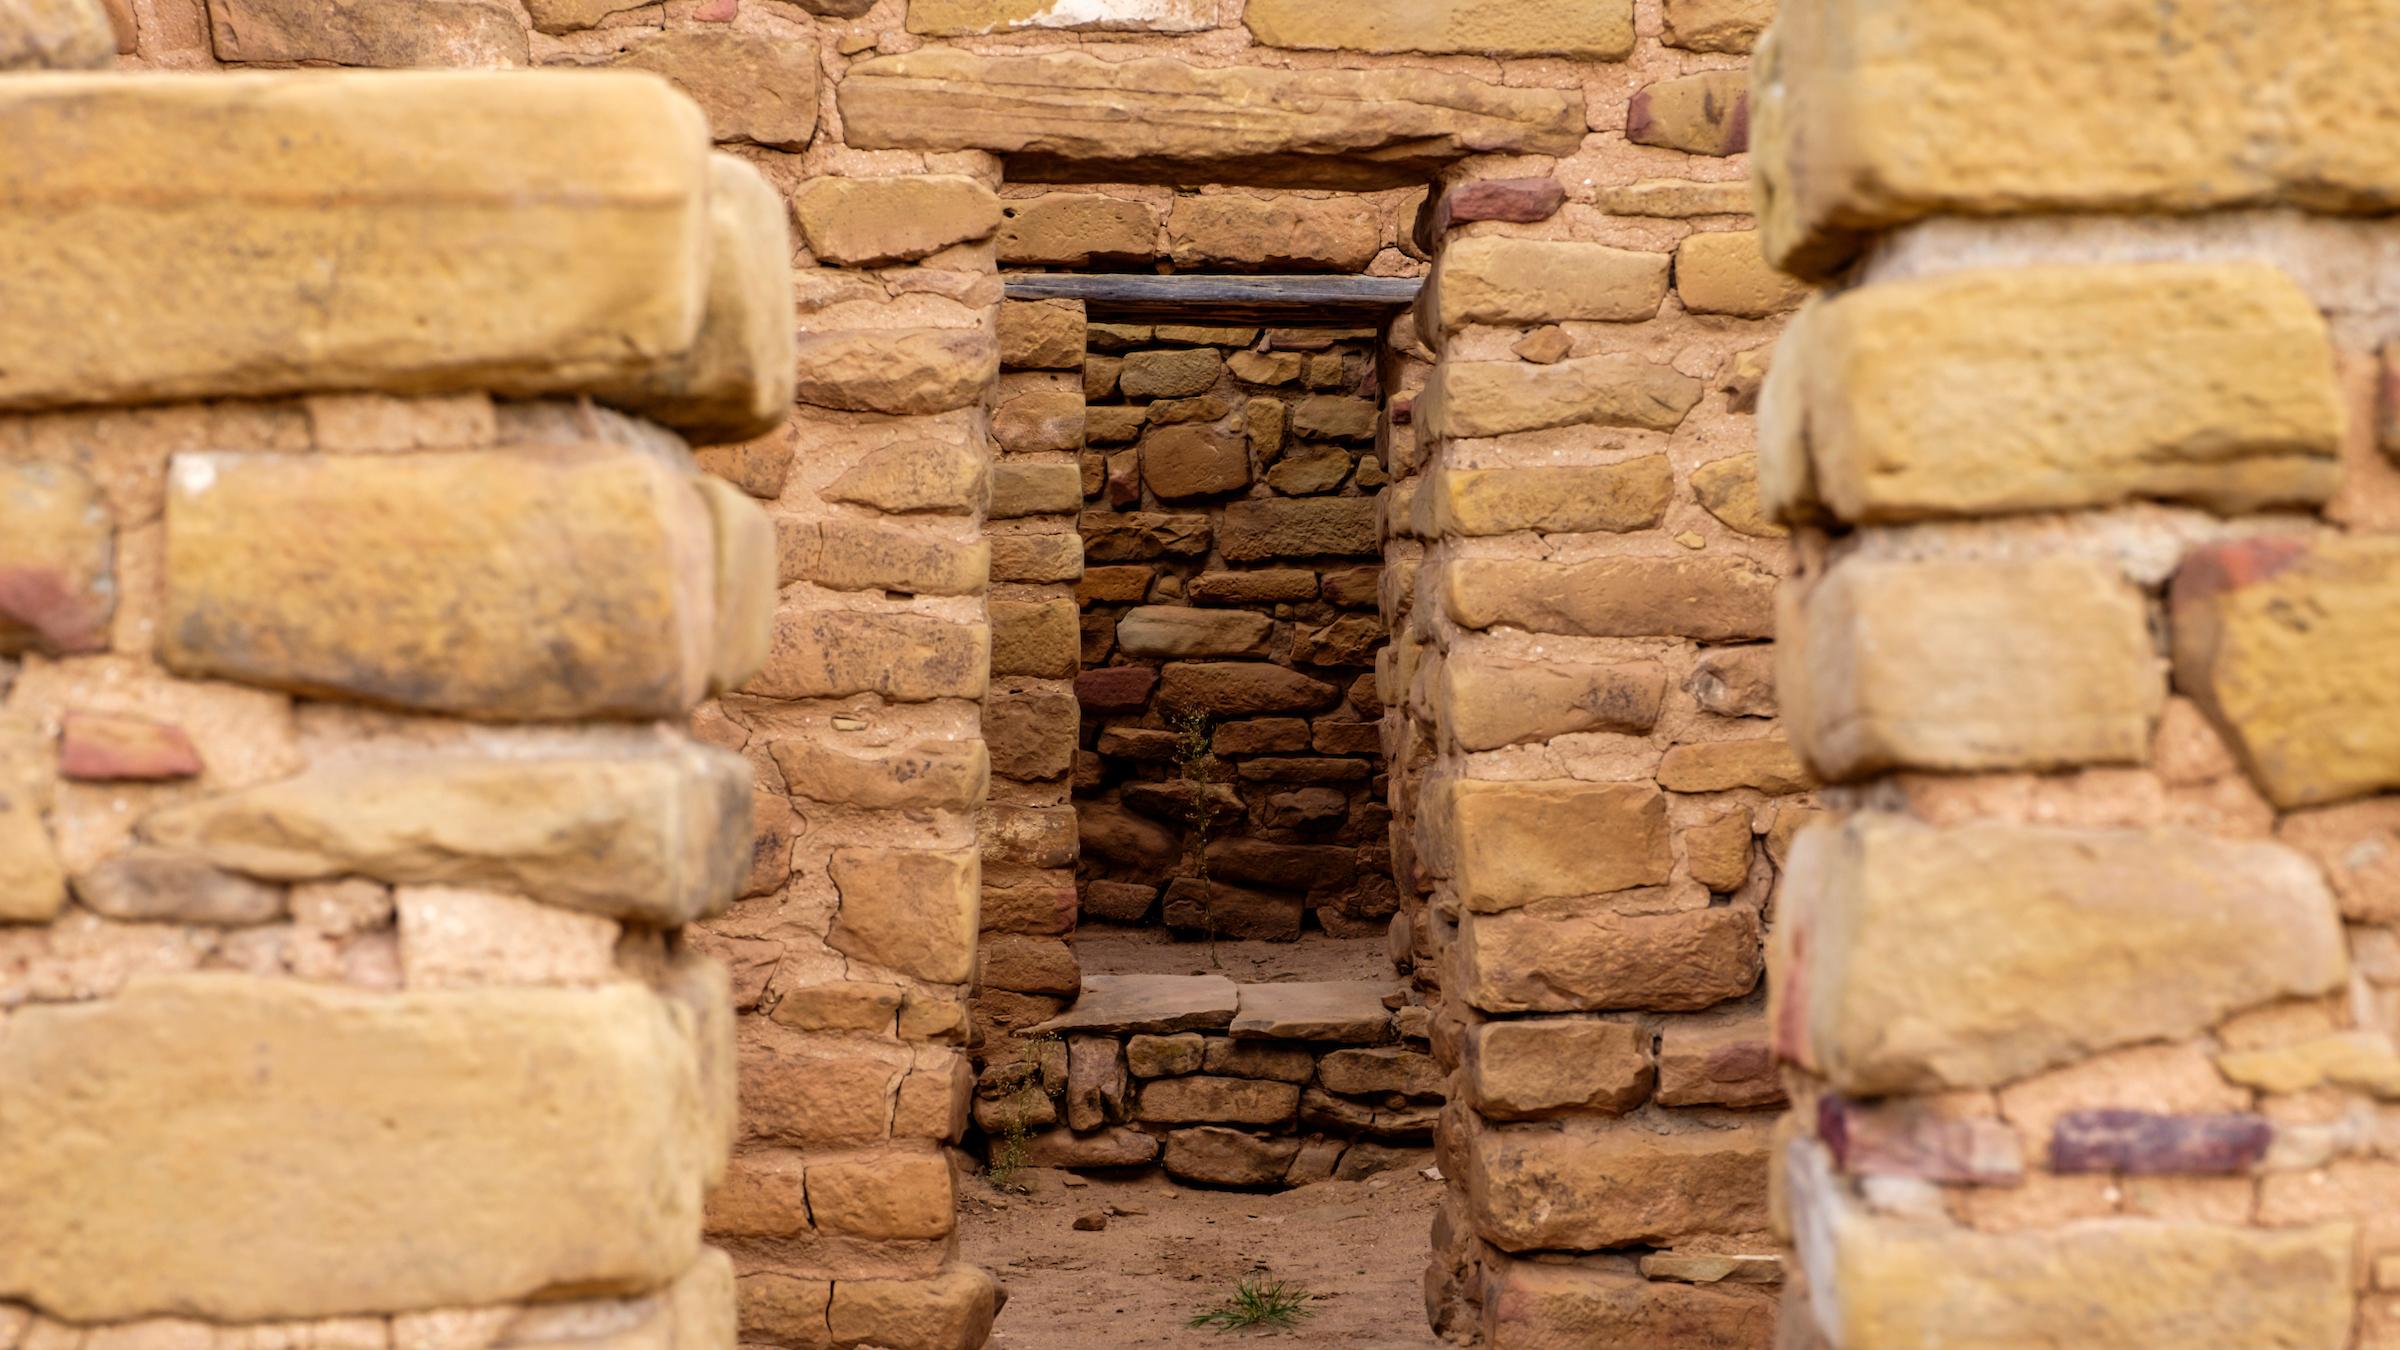 Doorways in dwellings at the Far View Sites in Mesa Verde National Park.